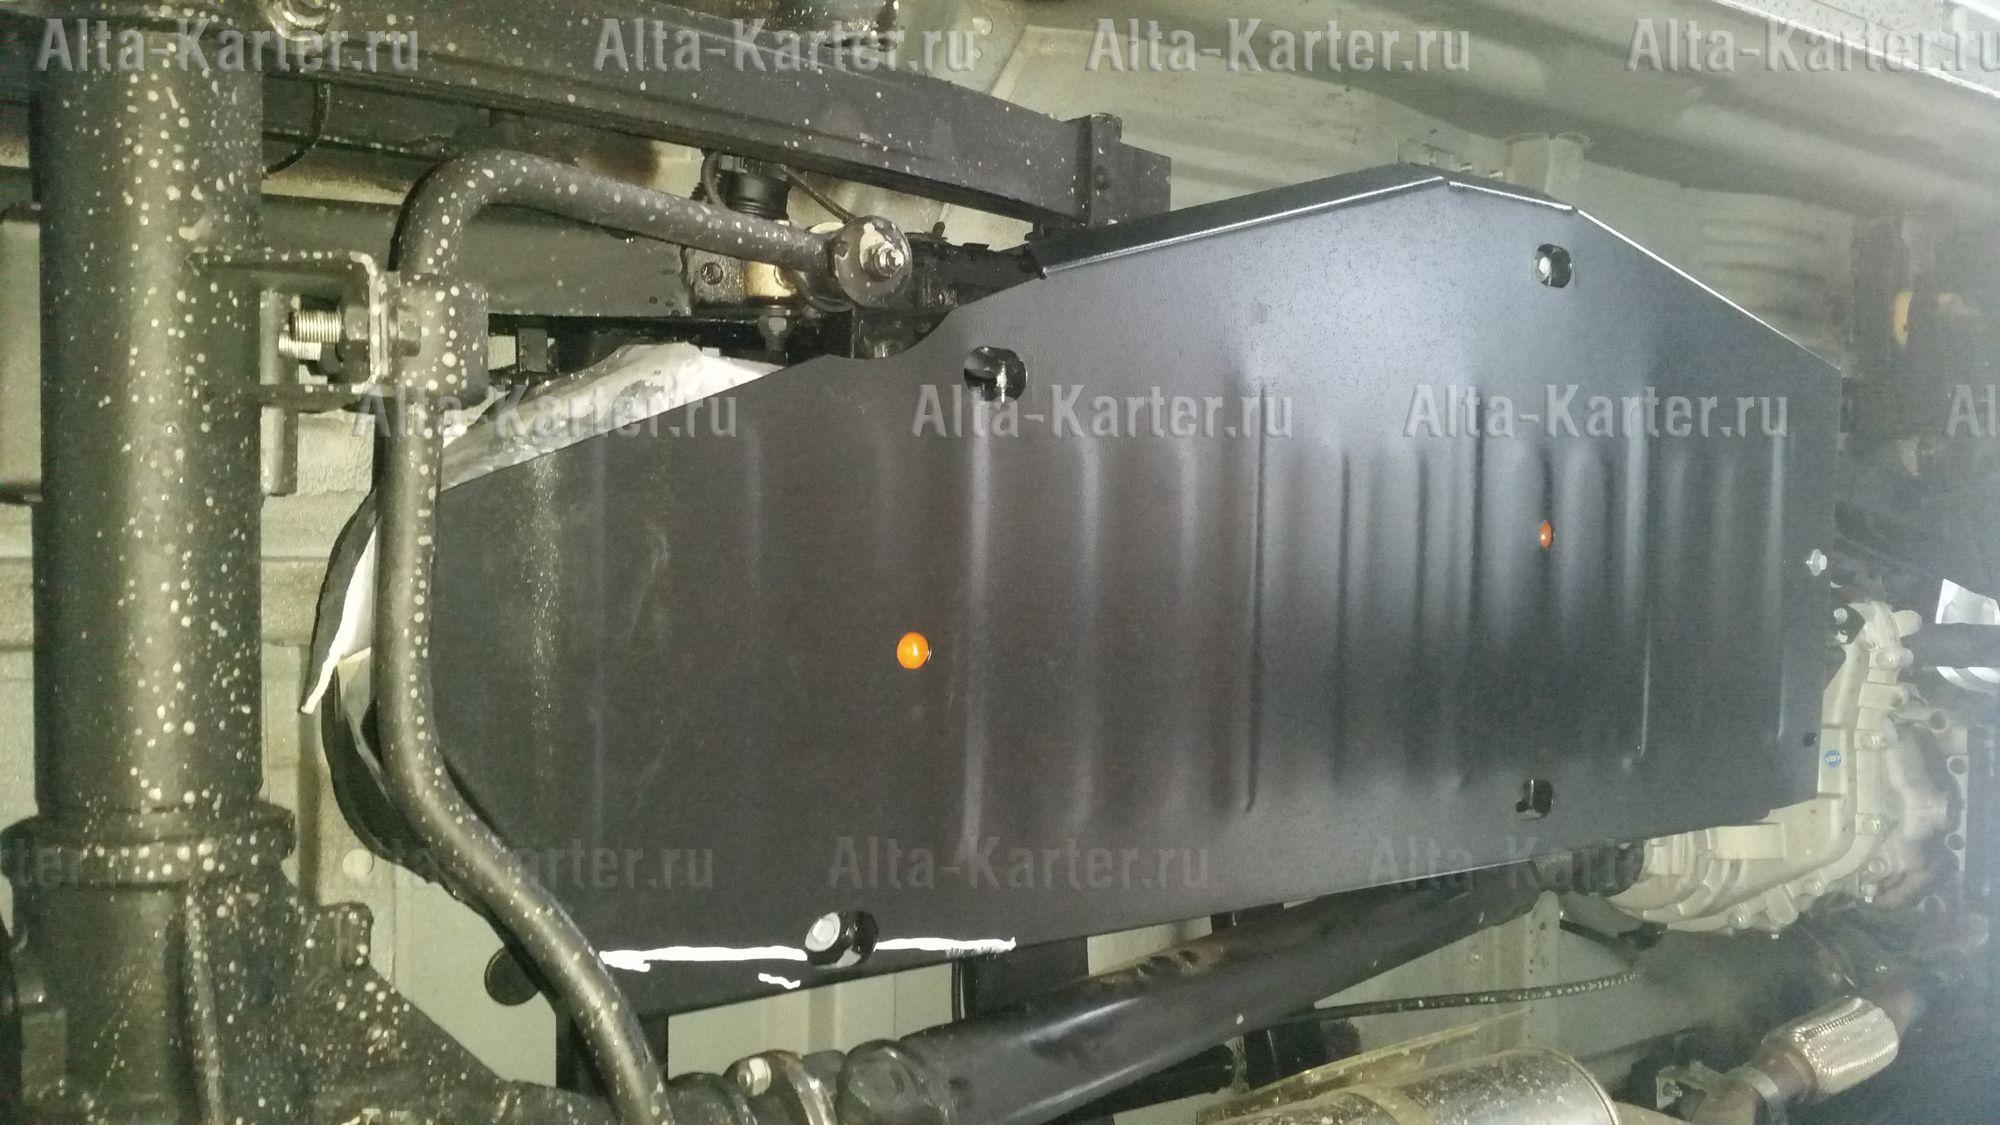 Защита Alfeco для топливного бака УАЗ Патриот I 2016-2021. Артикул ALF.39.12